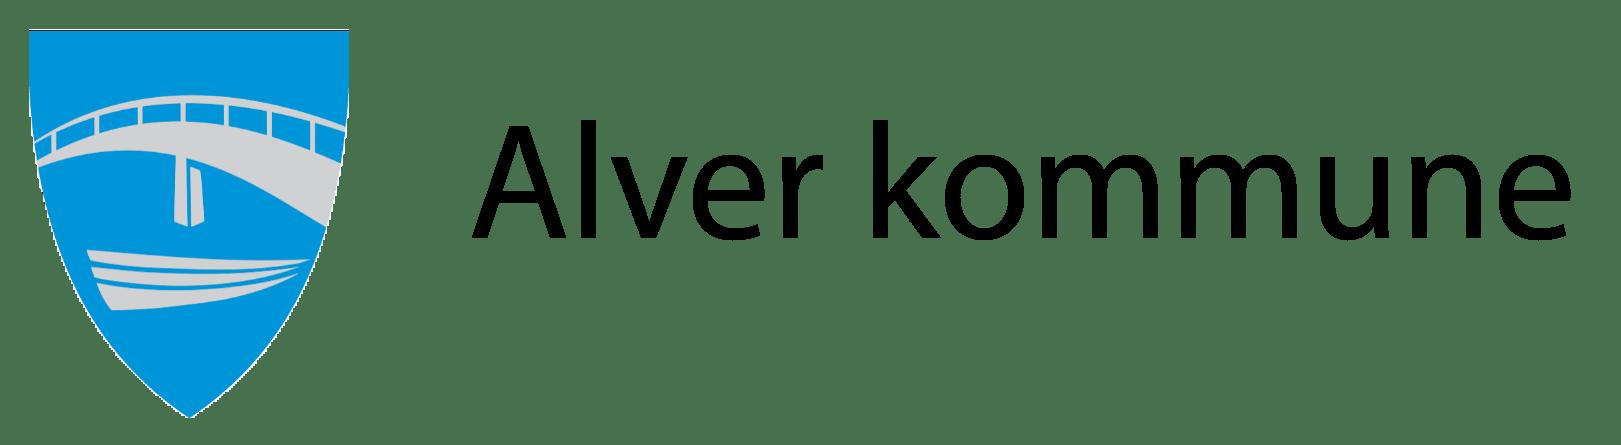 Alver kommune